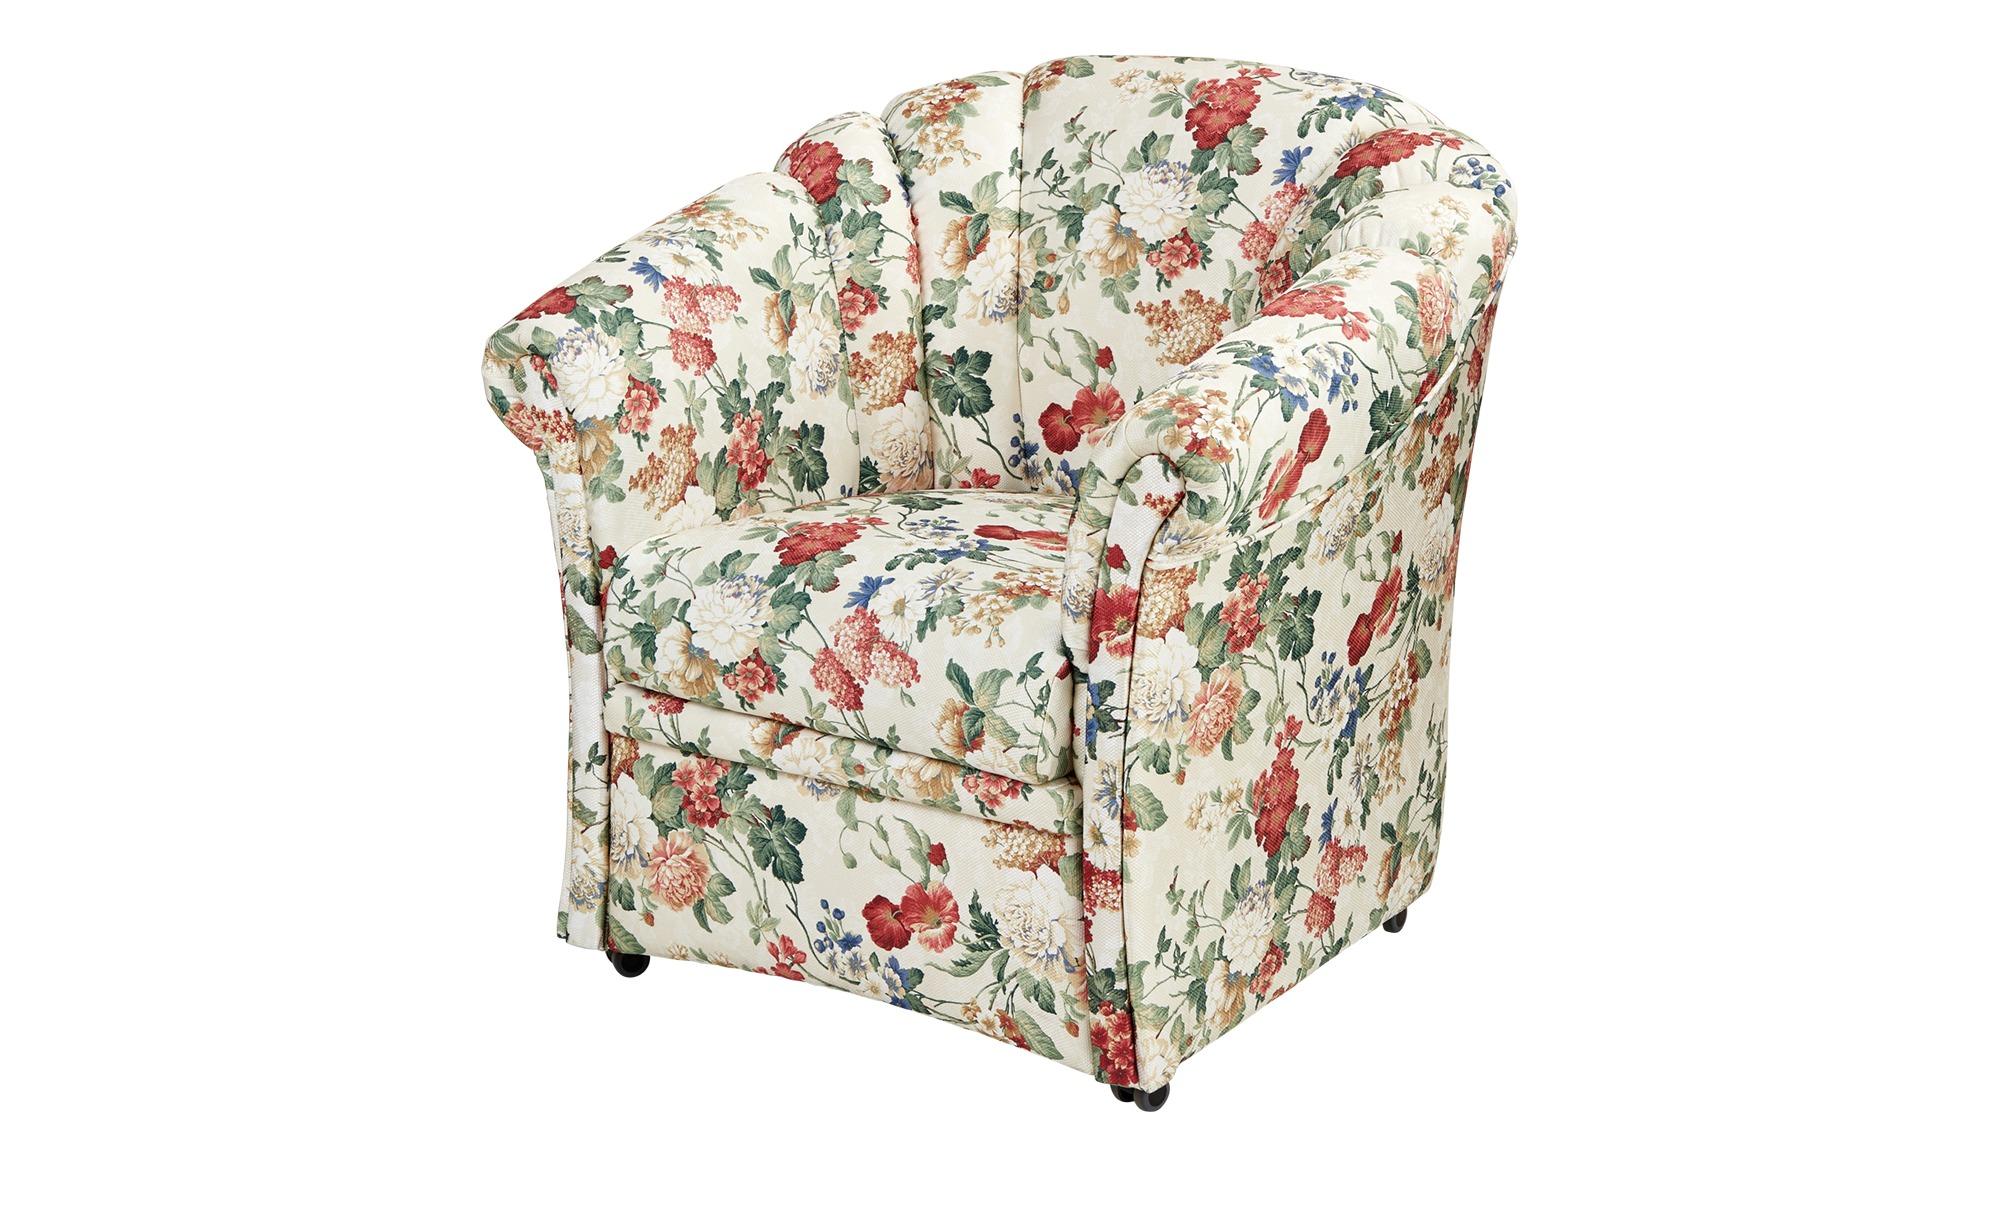 Geblümter Sessel bunt - Stoff Anke ¦ mehrfarbig ¦ Maße (cm): B: 81 H: 85 T: 78 Polstermöbel > Sessel > Polstersessel - Höffner